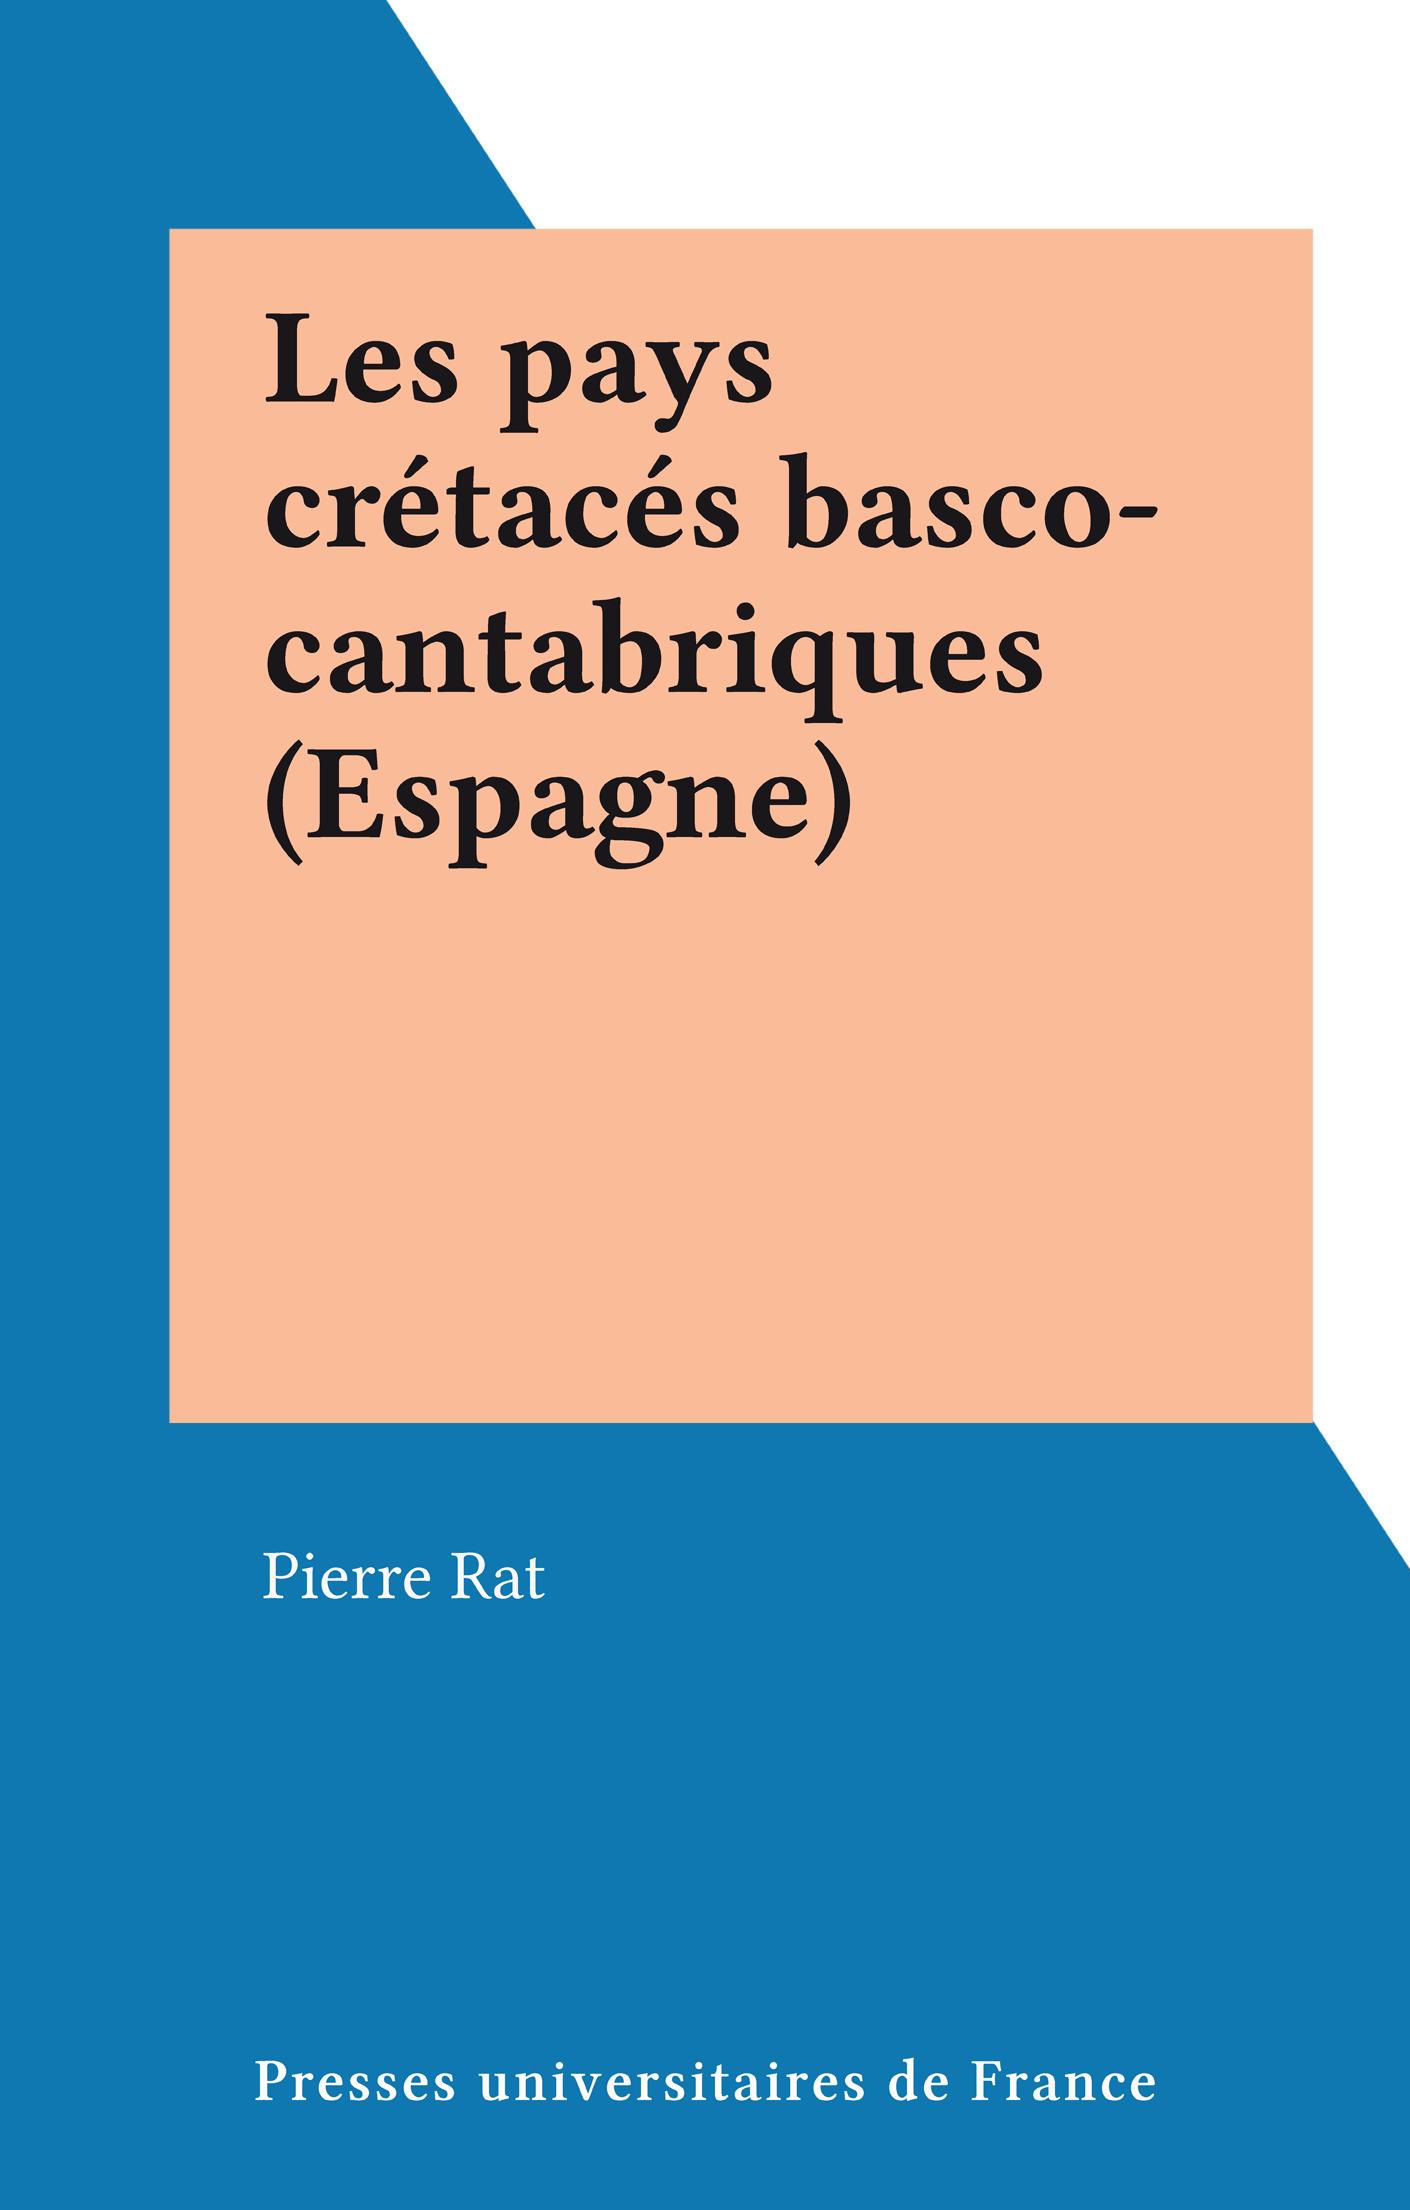 Les pays crétacés basco-cantabriques (Espagne)